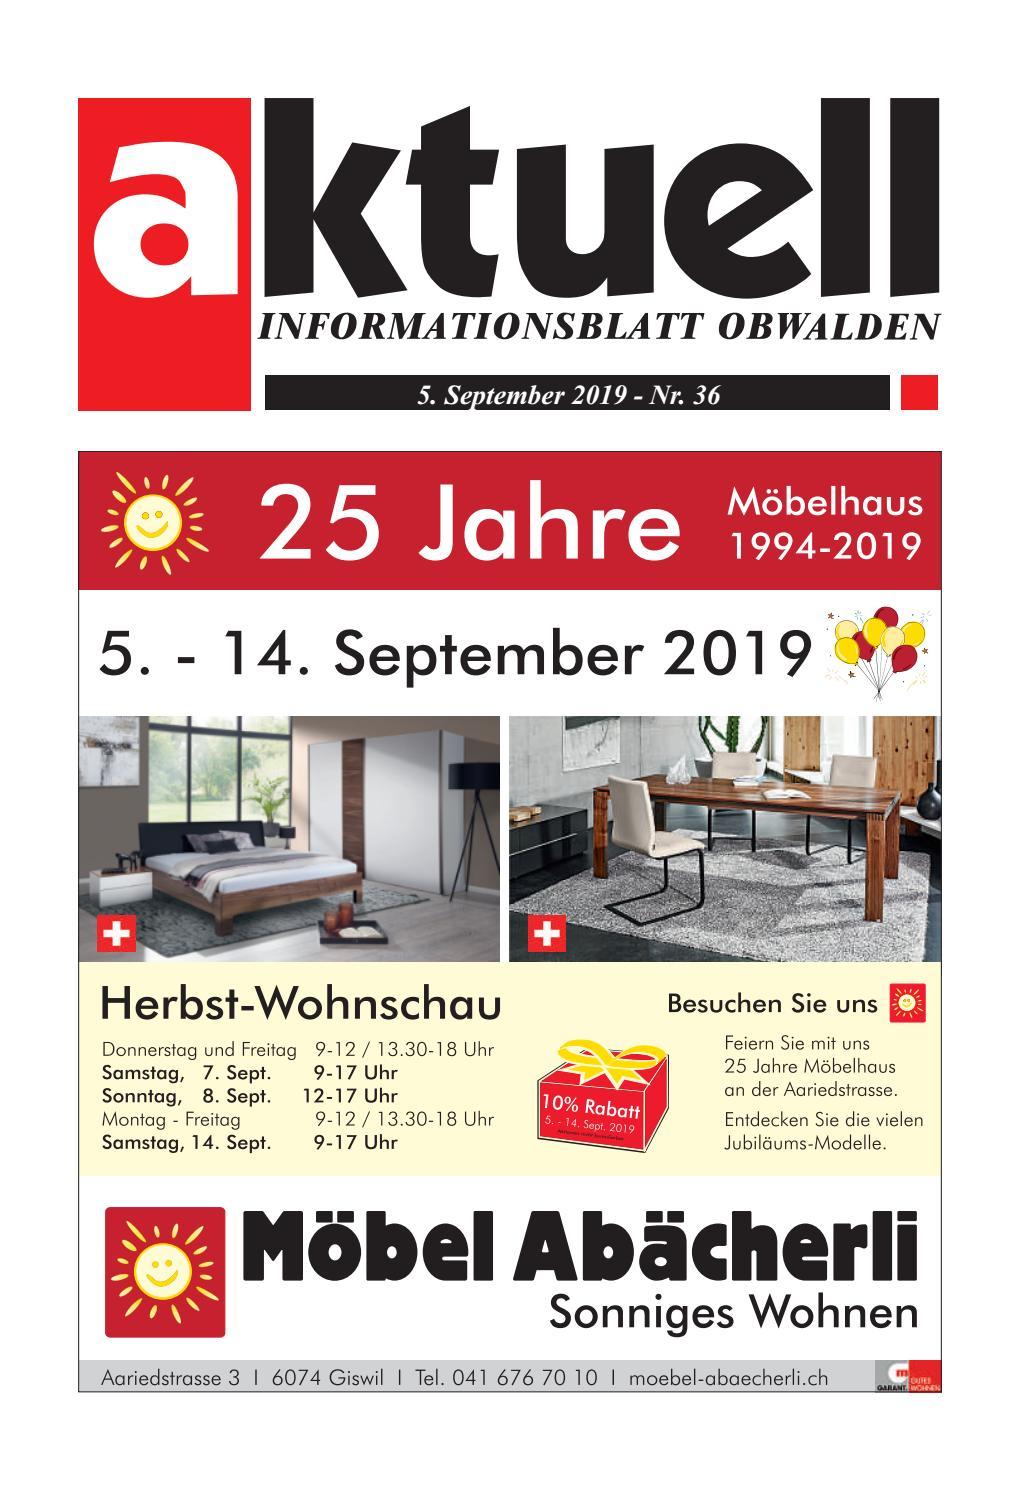 Obwalden-Umrundung | Ride Magazin